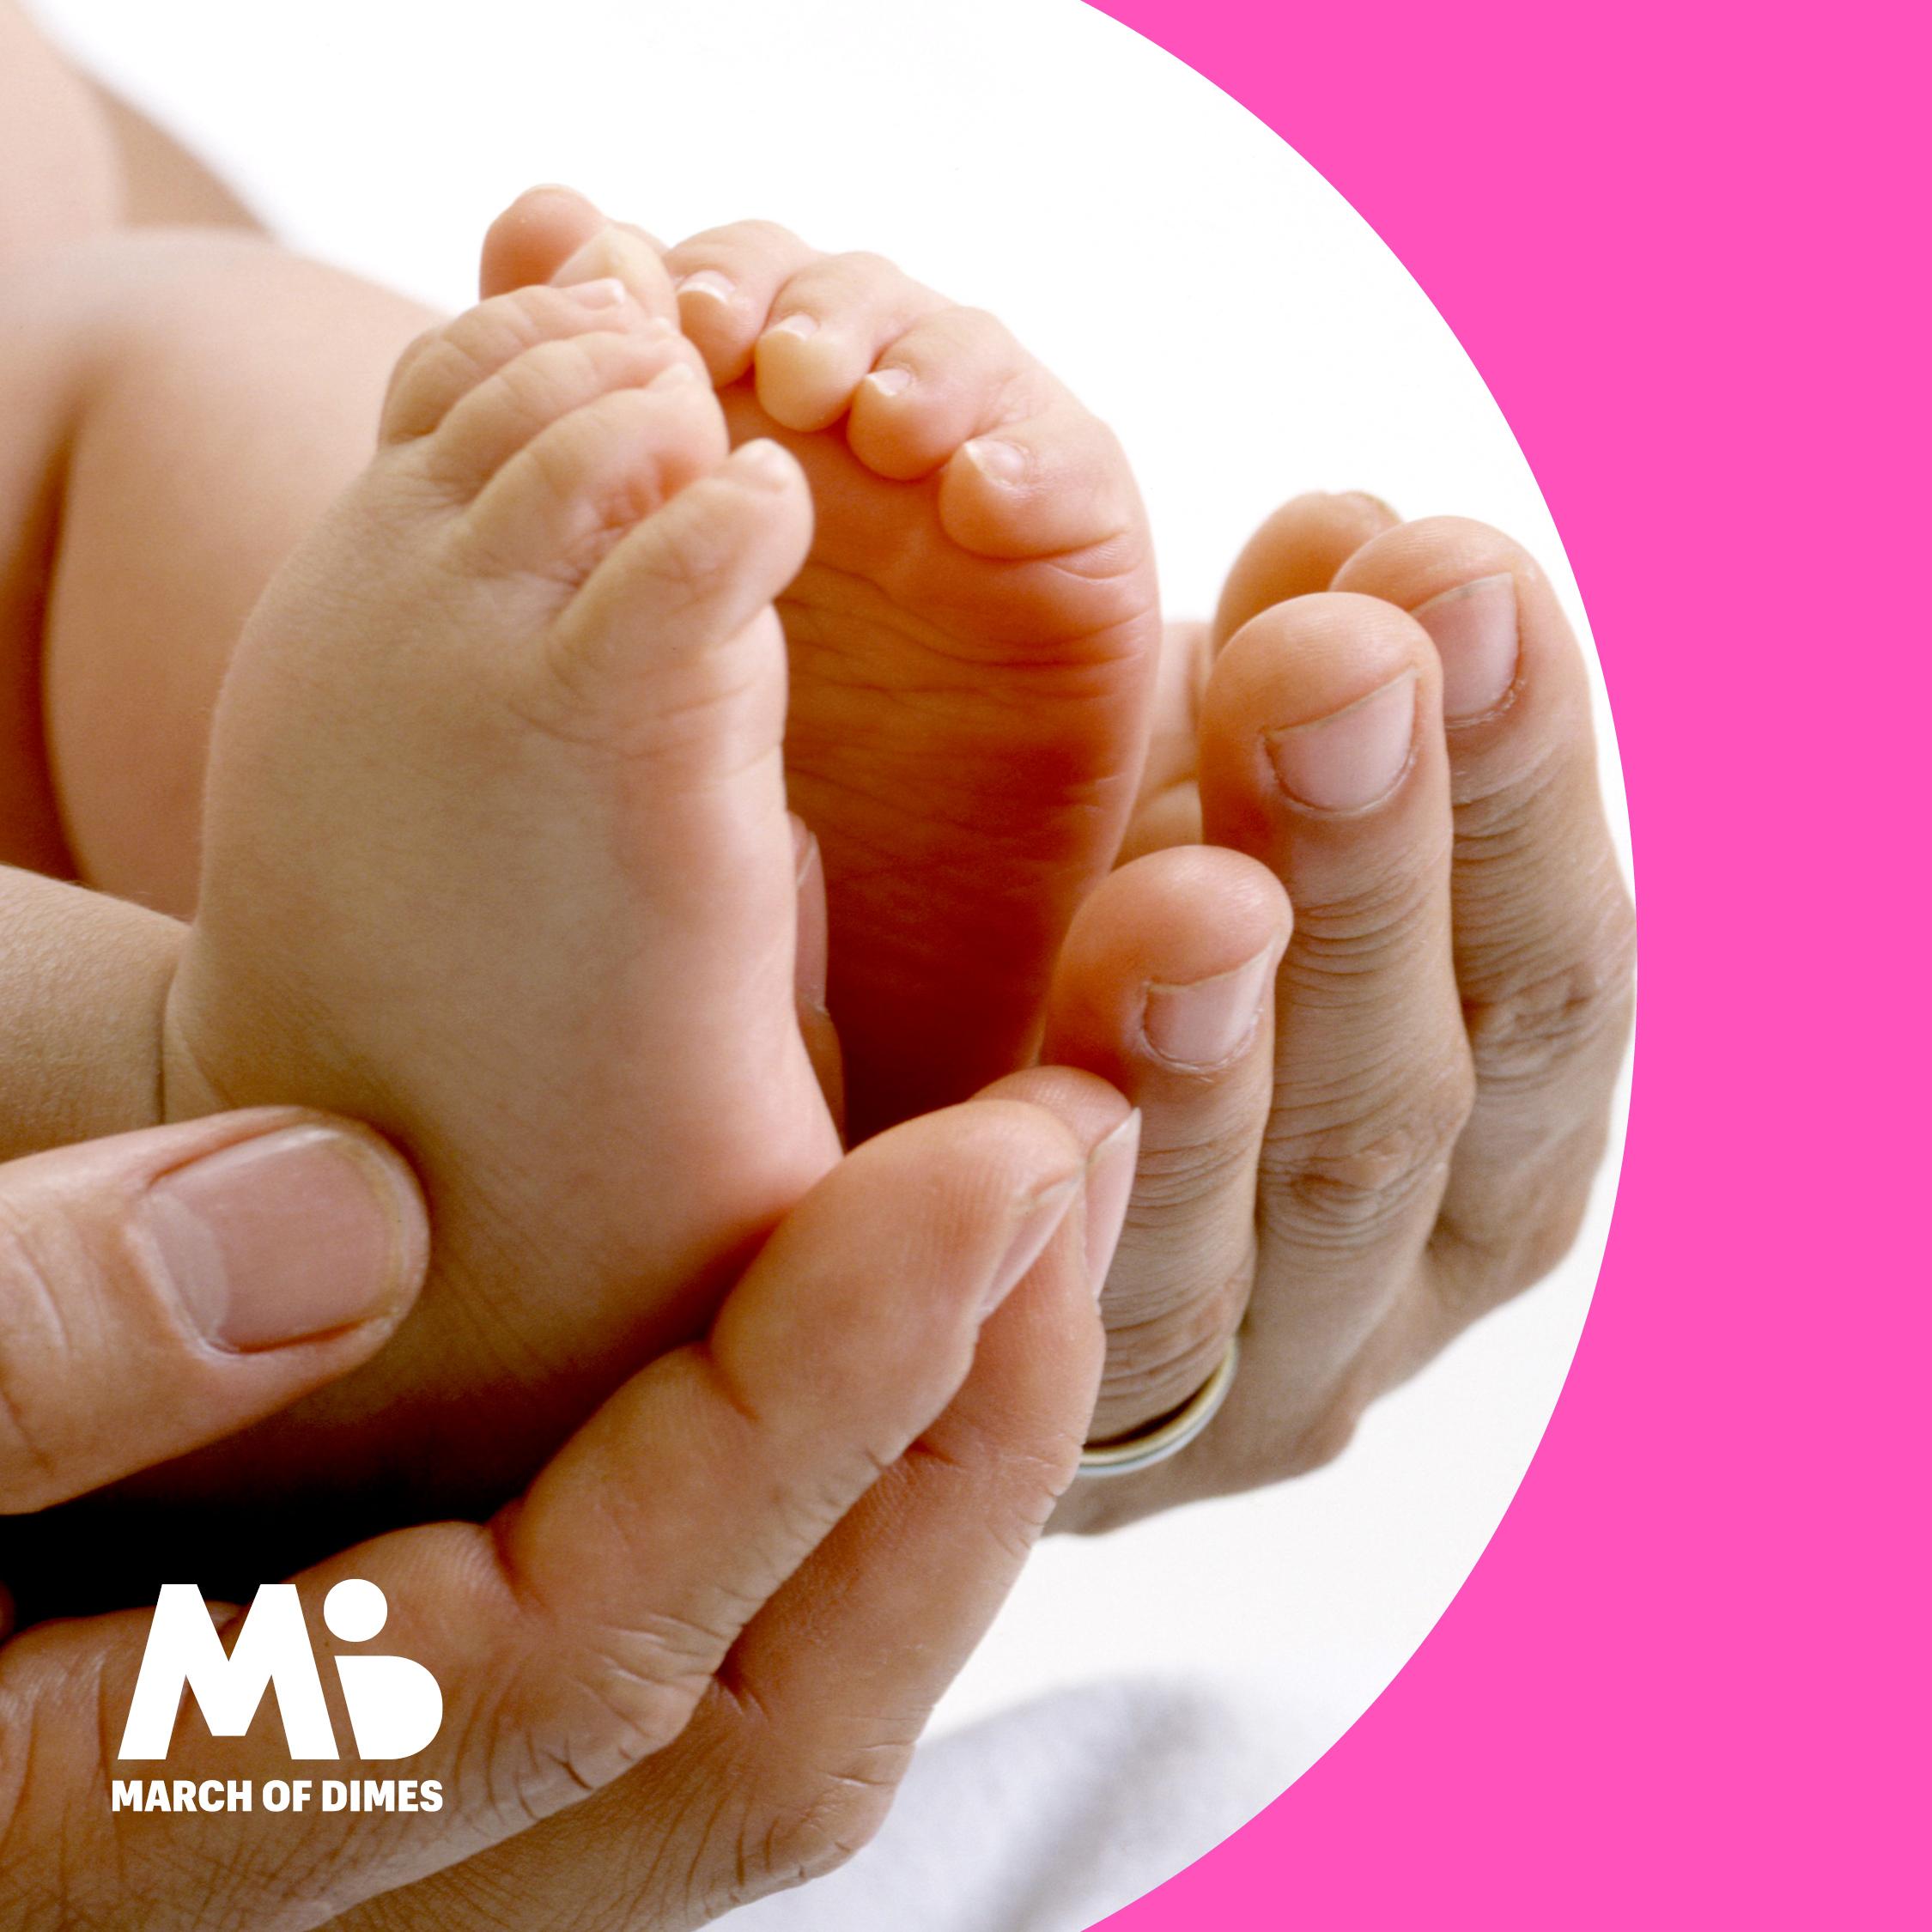 Cuide la salud de su corazón, su futuro bebé se lo agradecerá